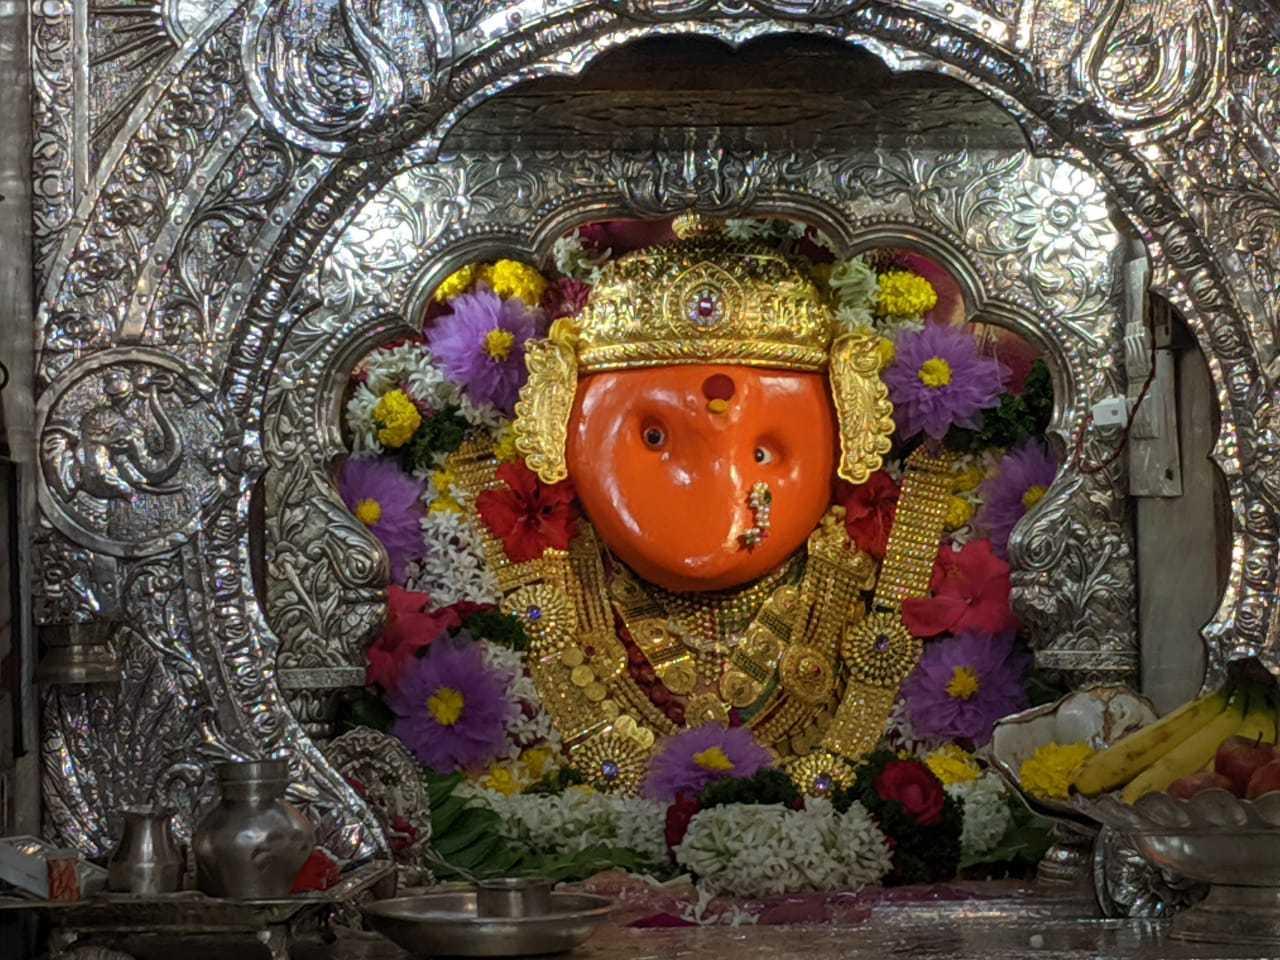 चतुःश्रृंगी देवीच्या मंदिरात पारंपरिक पद्धतीने  घटस्थापना